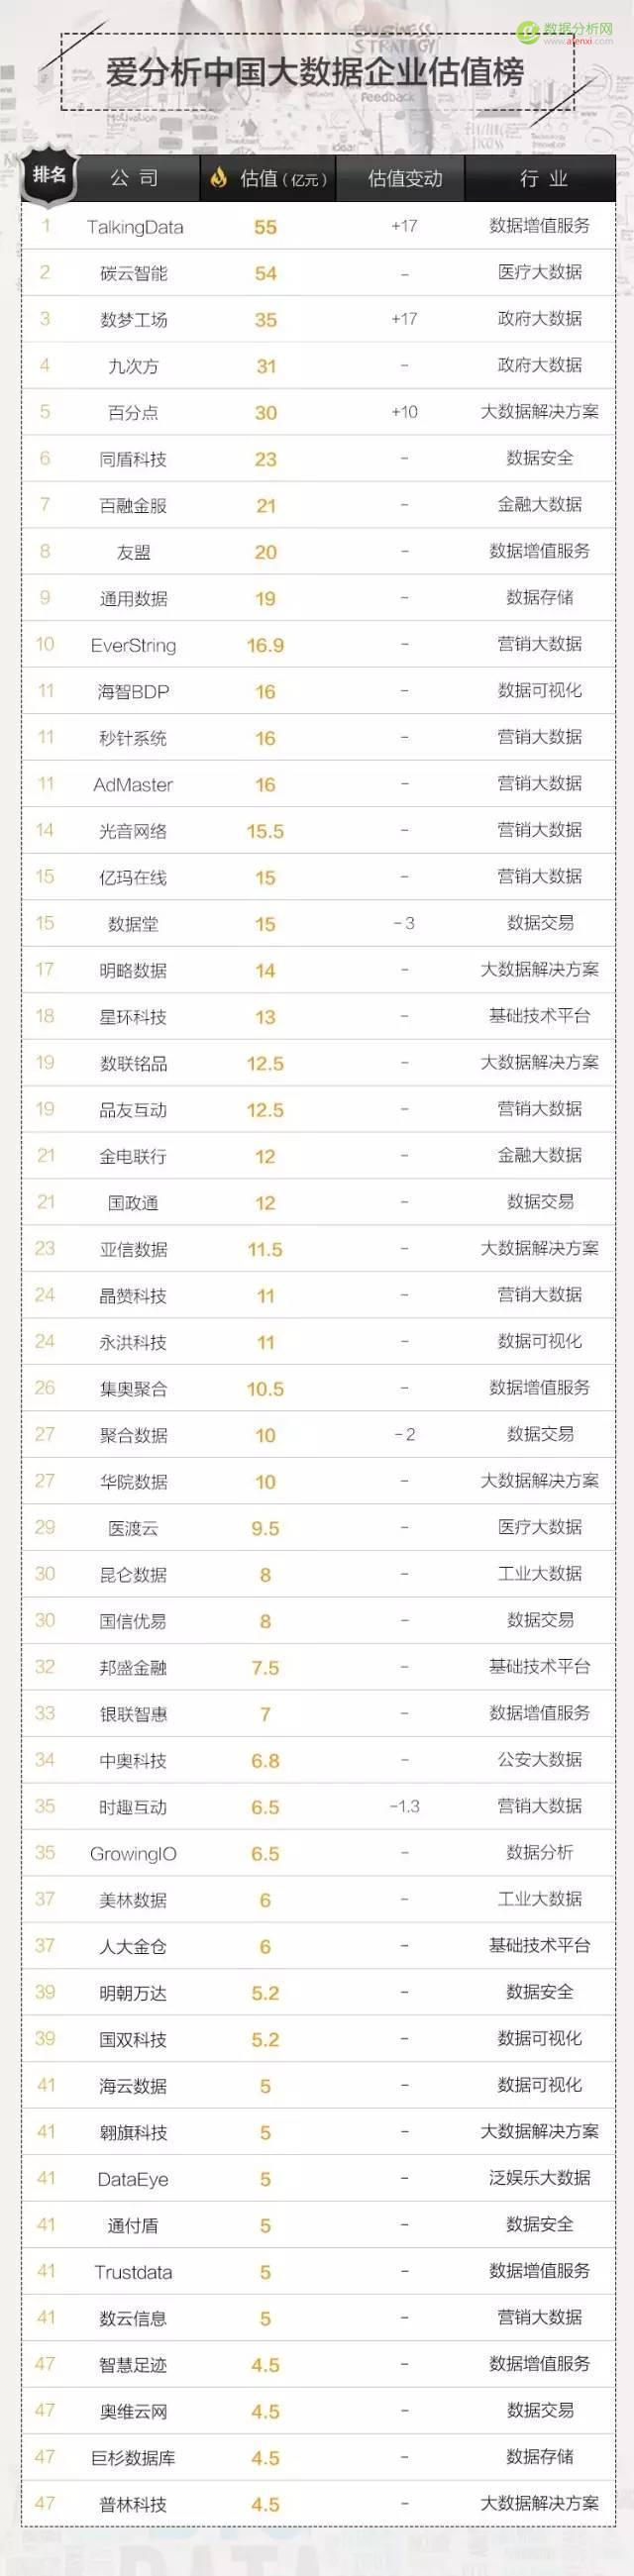 这50家大数据公司,谁会成为中国Palantir?